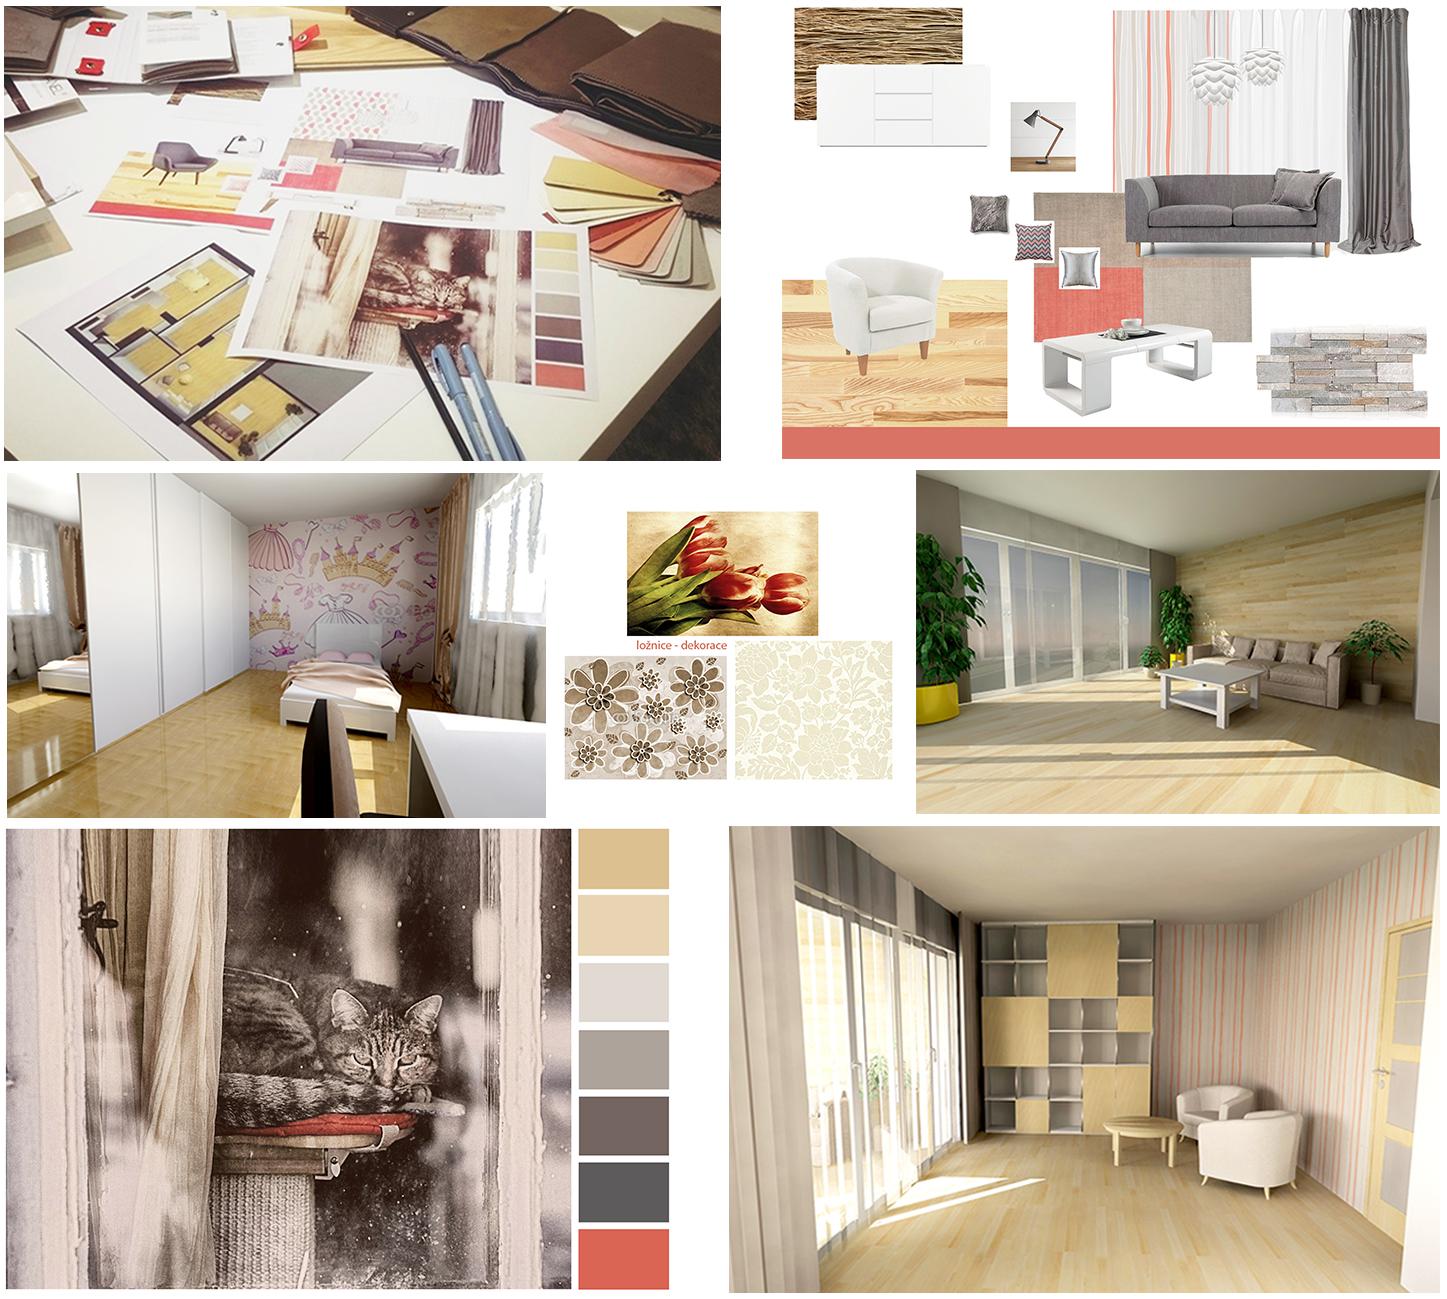 Vizualizace, kompletní návrh interiér